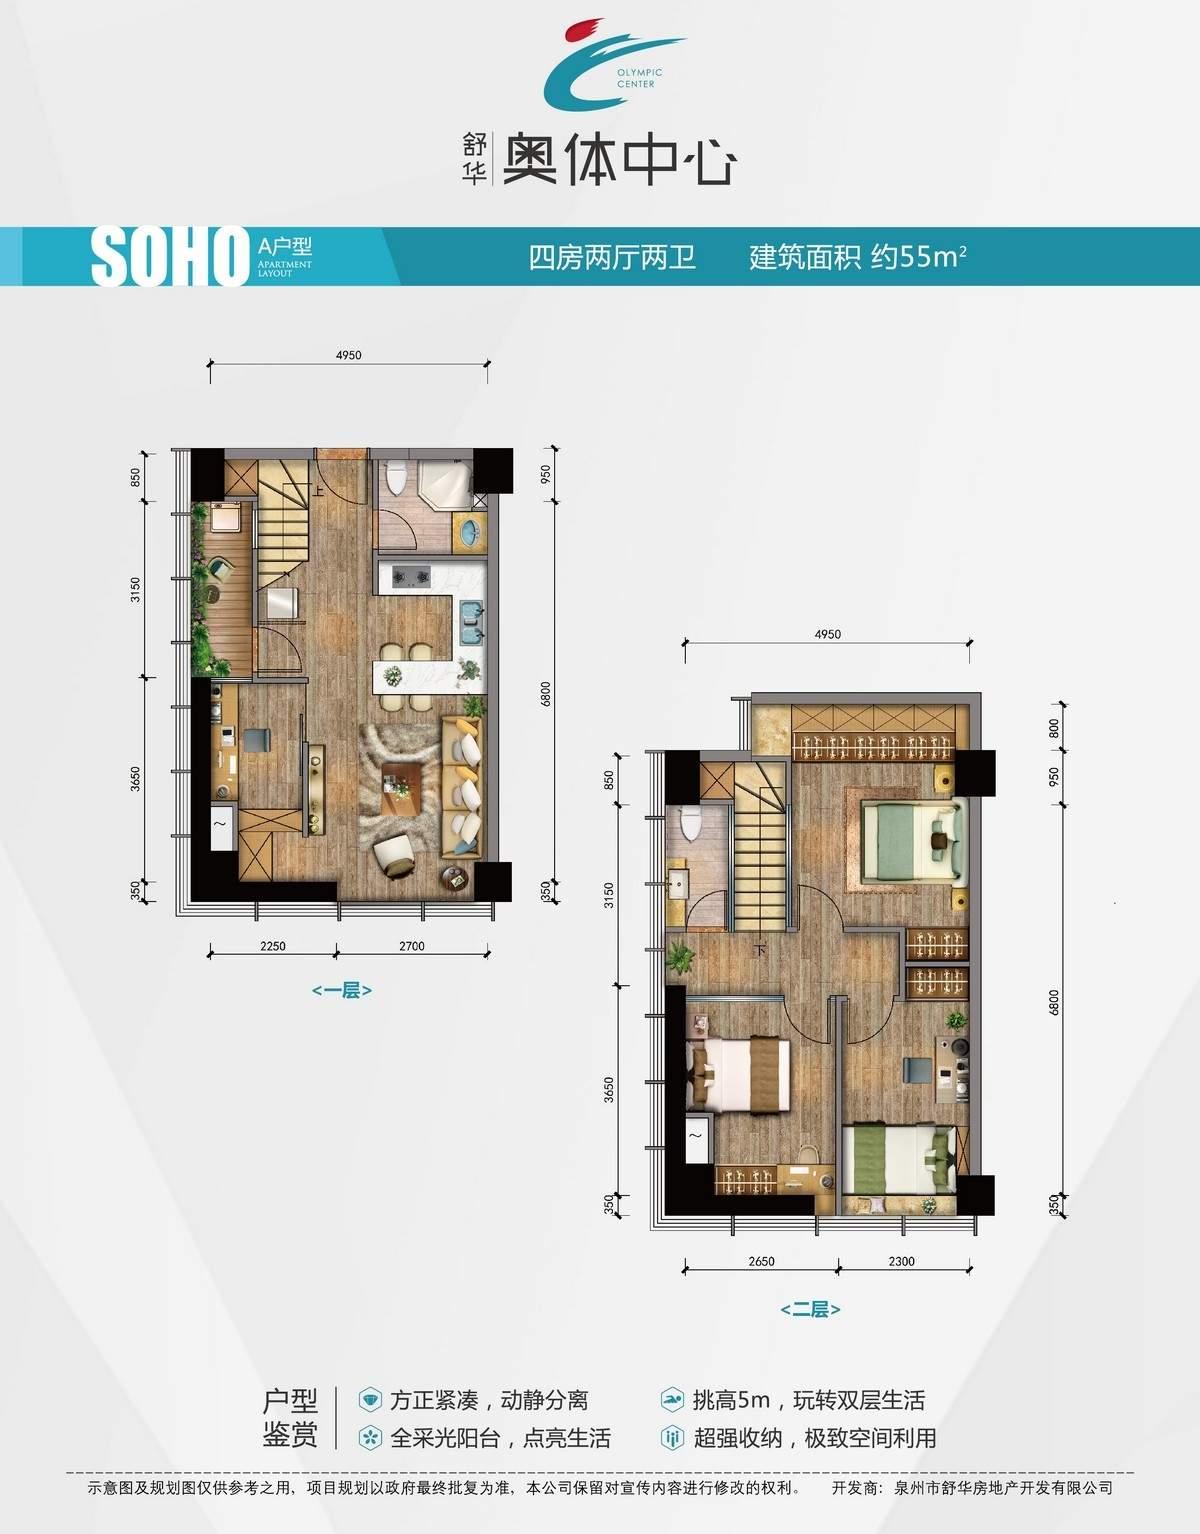 SOHO-A户型图